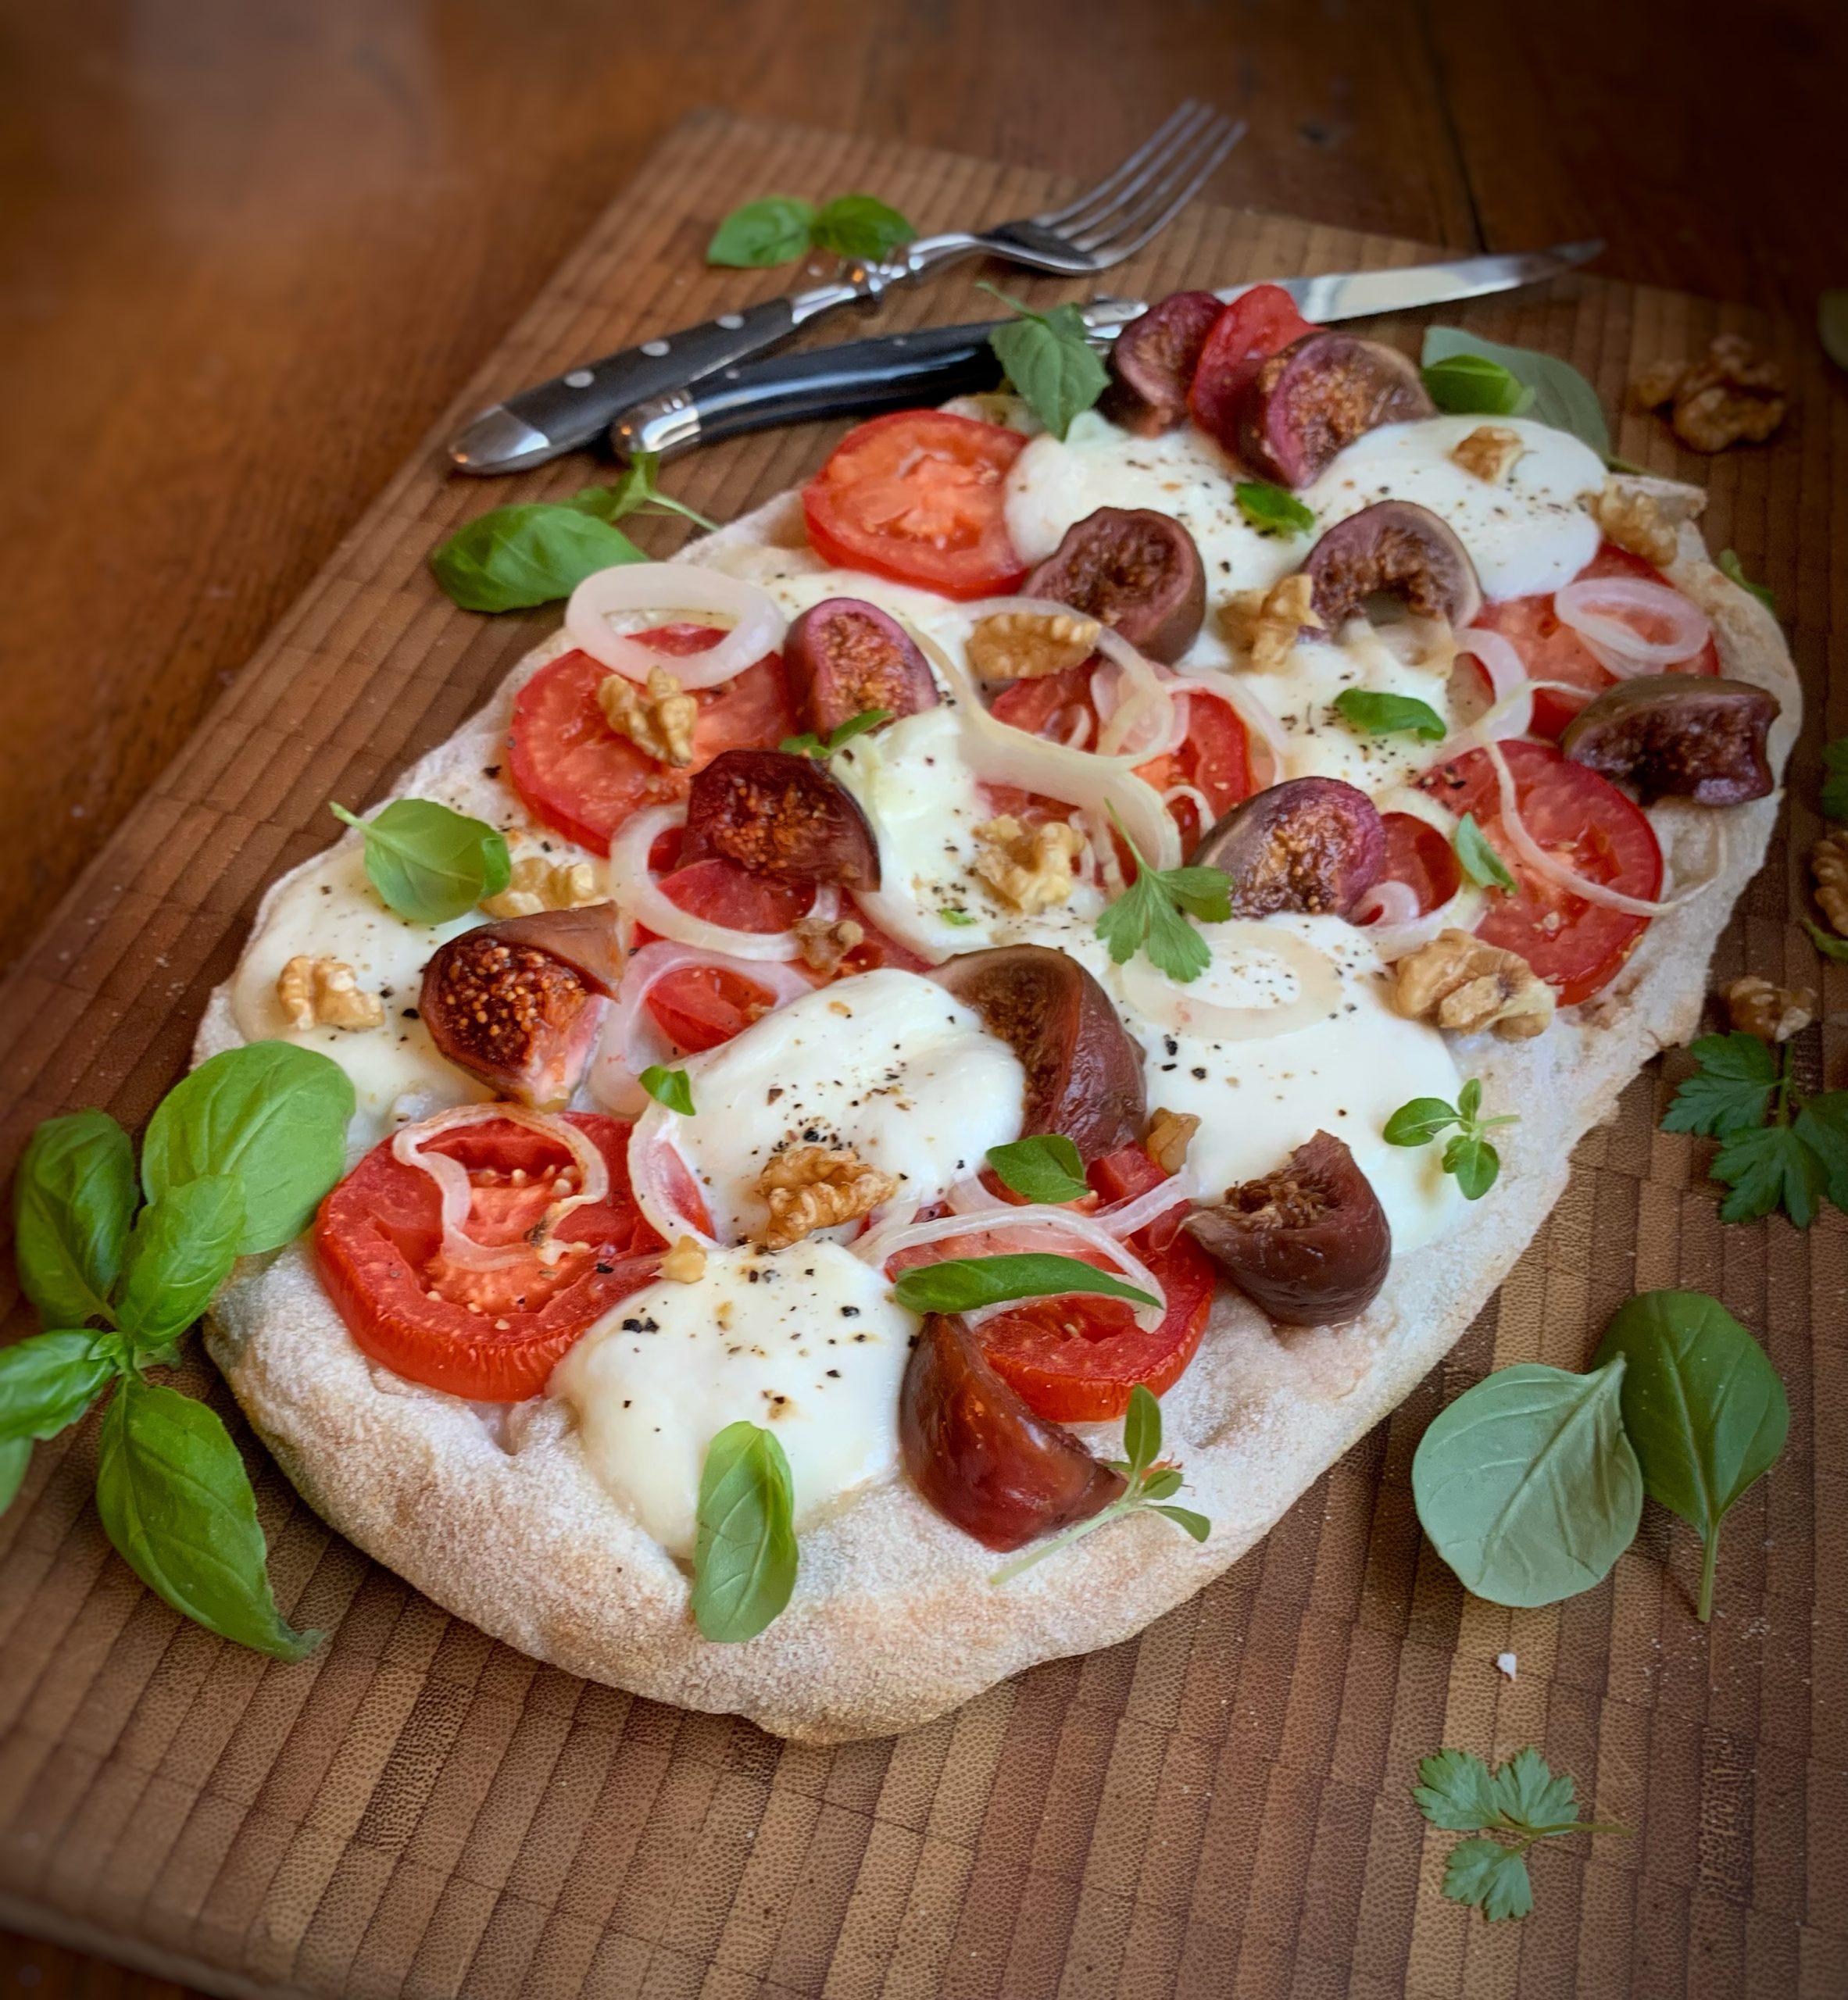 Deie mit Tomate, Büffelkäse und eingelegten Rotweinfeigen